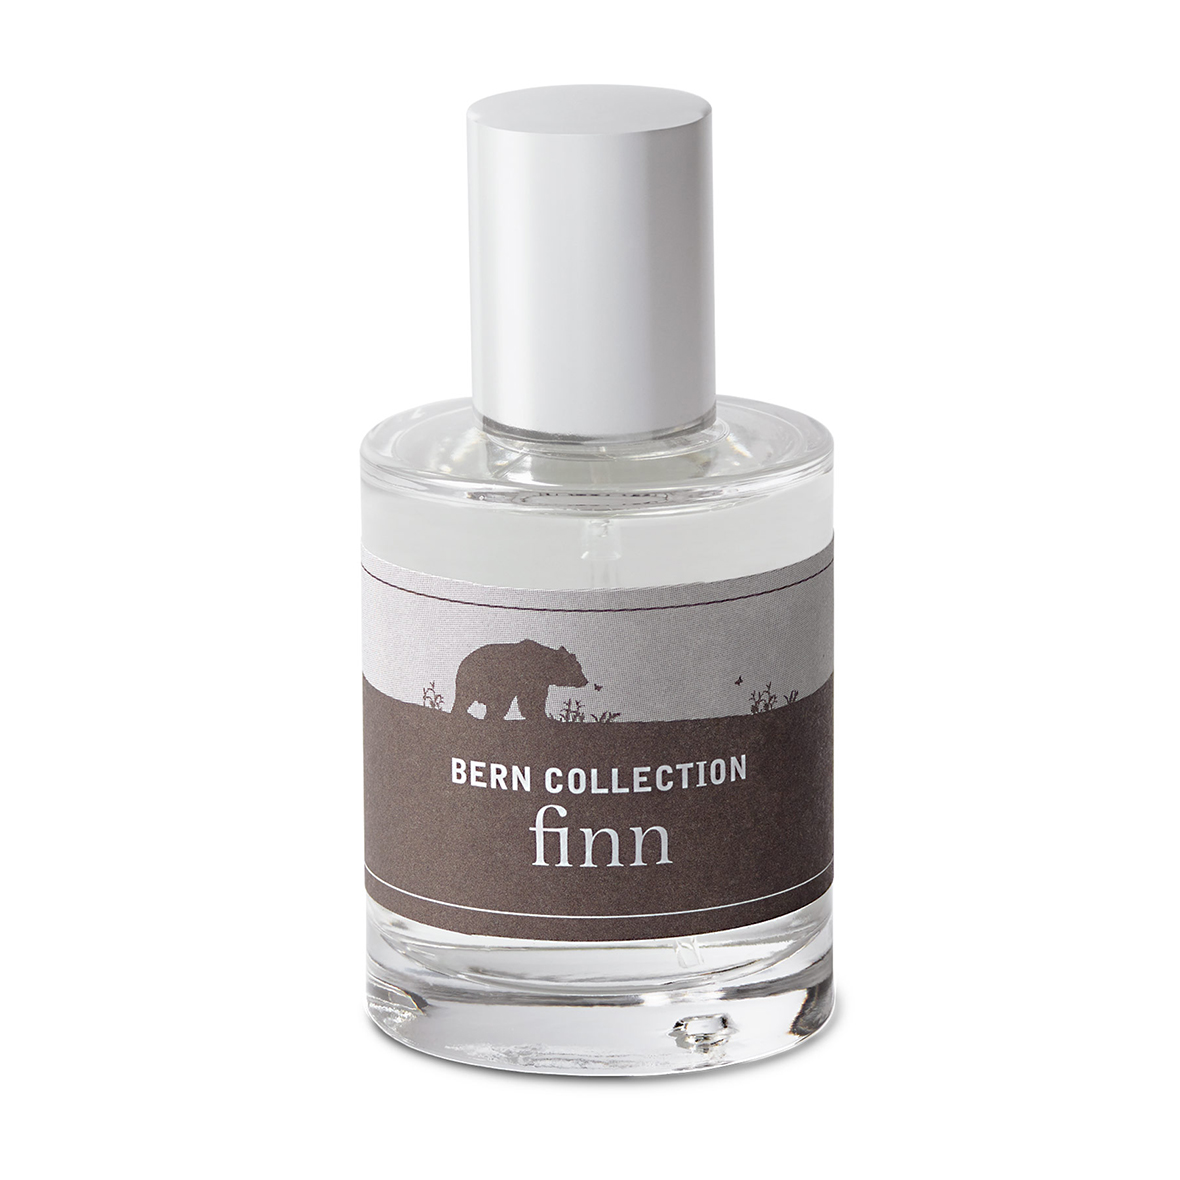 Parfum Bern Collection Finn